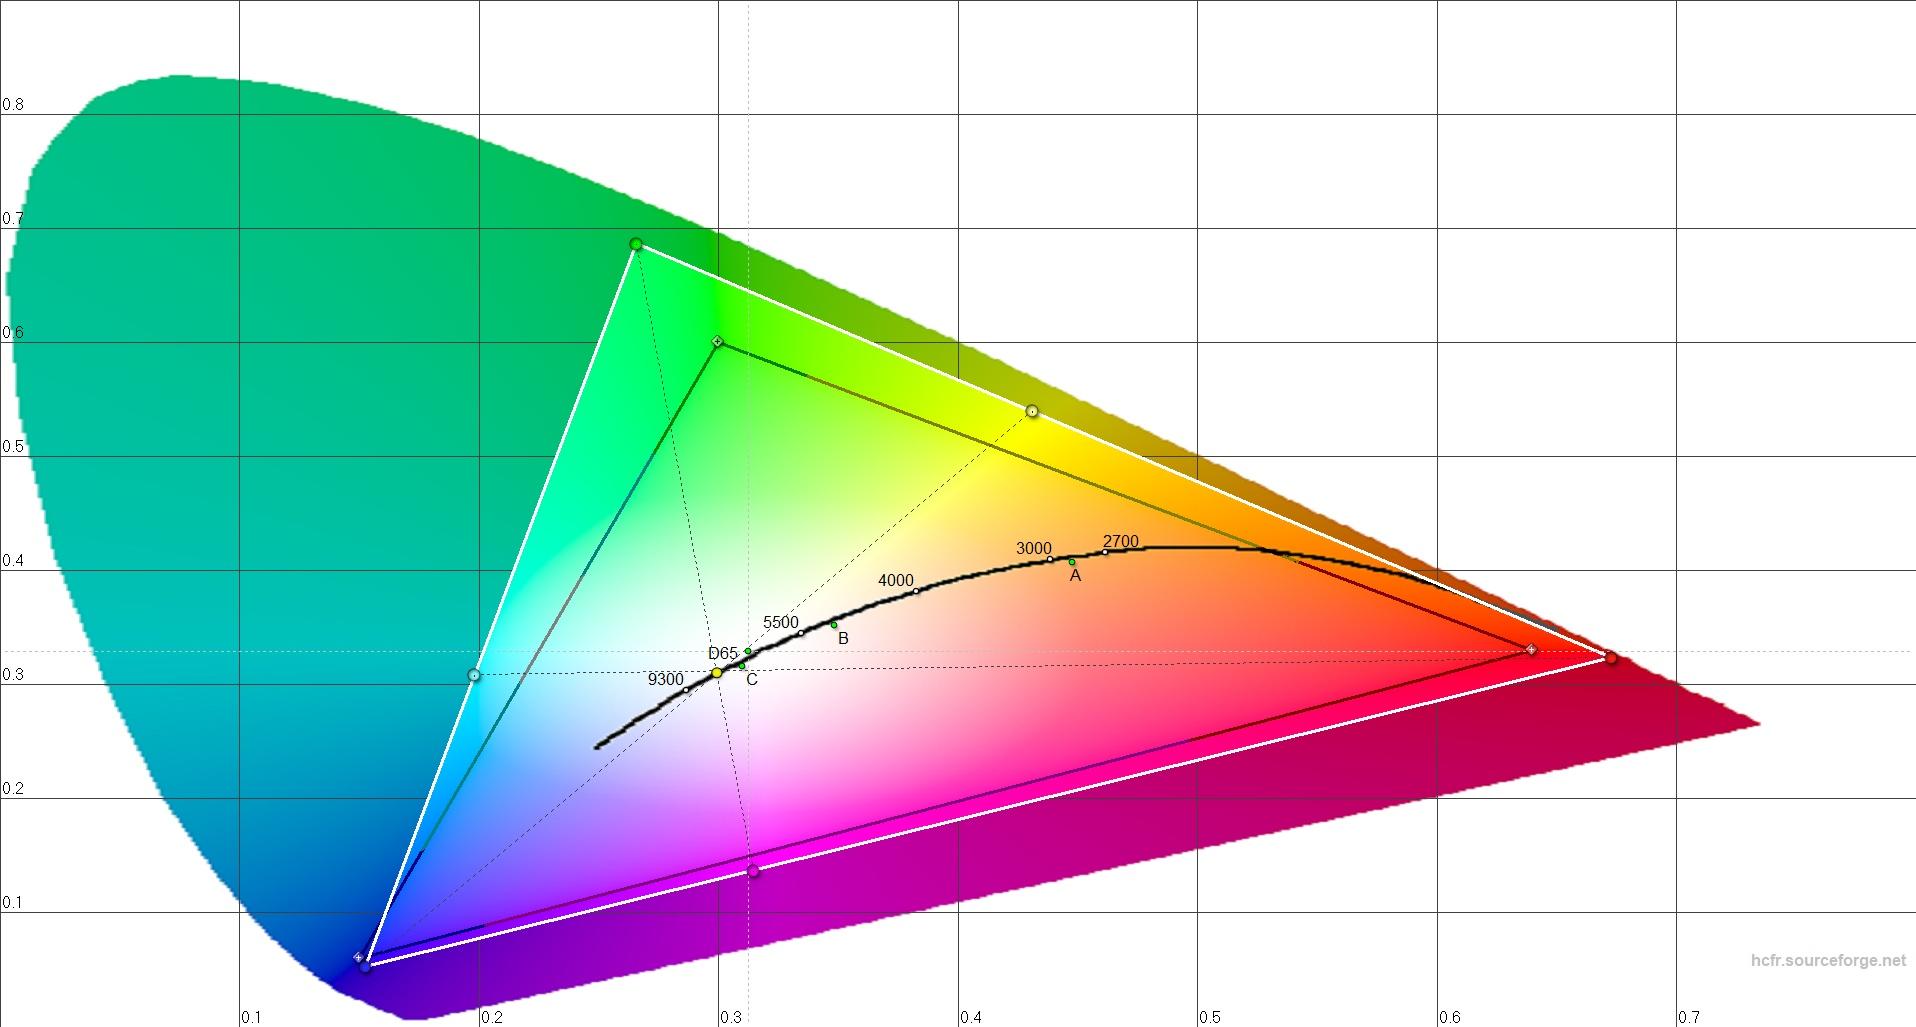 Notre sonde nous offre plus d information à ce sujet. La luminosité  maximale de la dalle est ici notée à 418 cd m², un bon taux de luminosité  ... f5e4fa91ef19